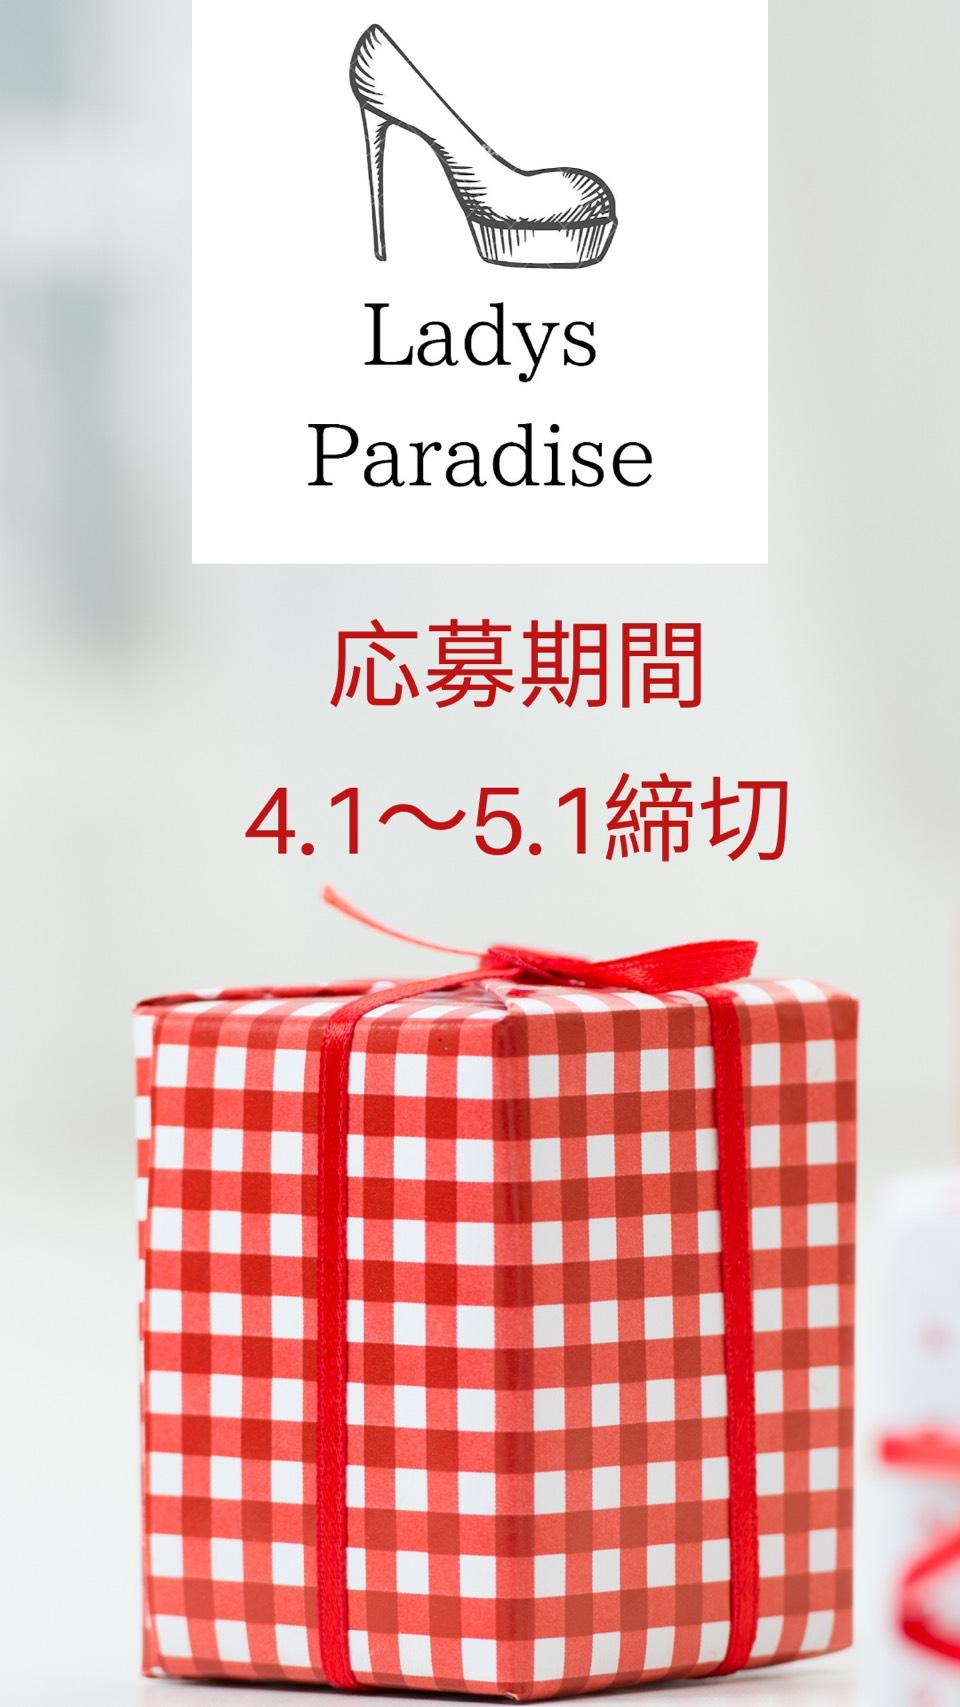 フォロワー様6000人突破企画開催!!